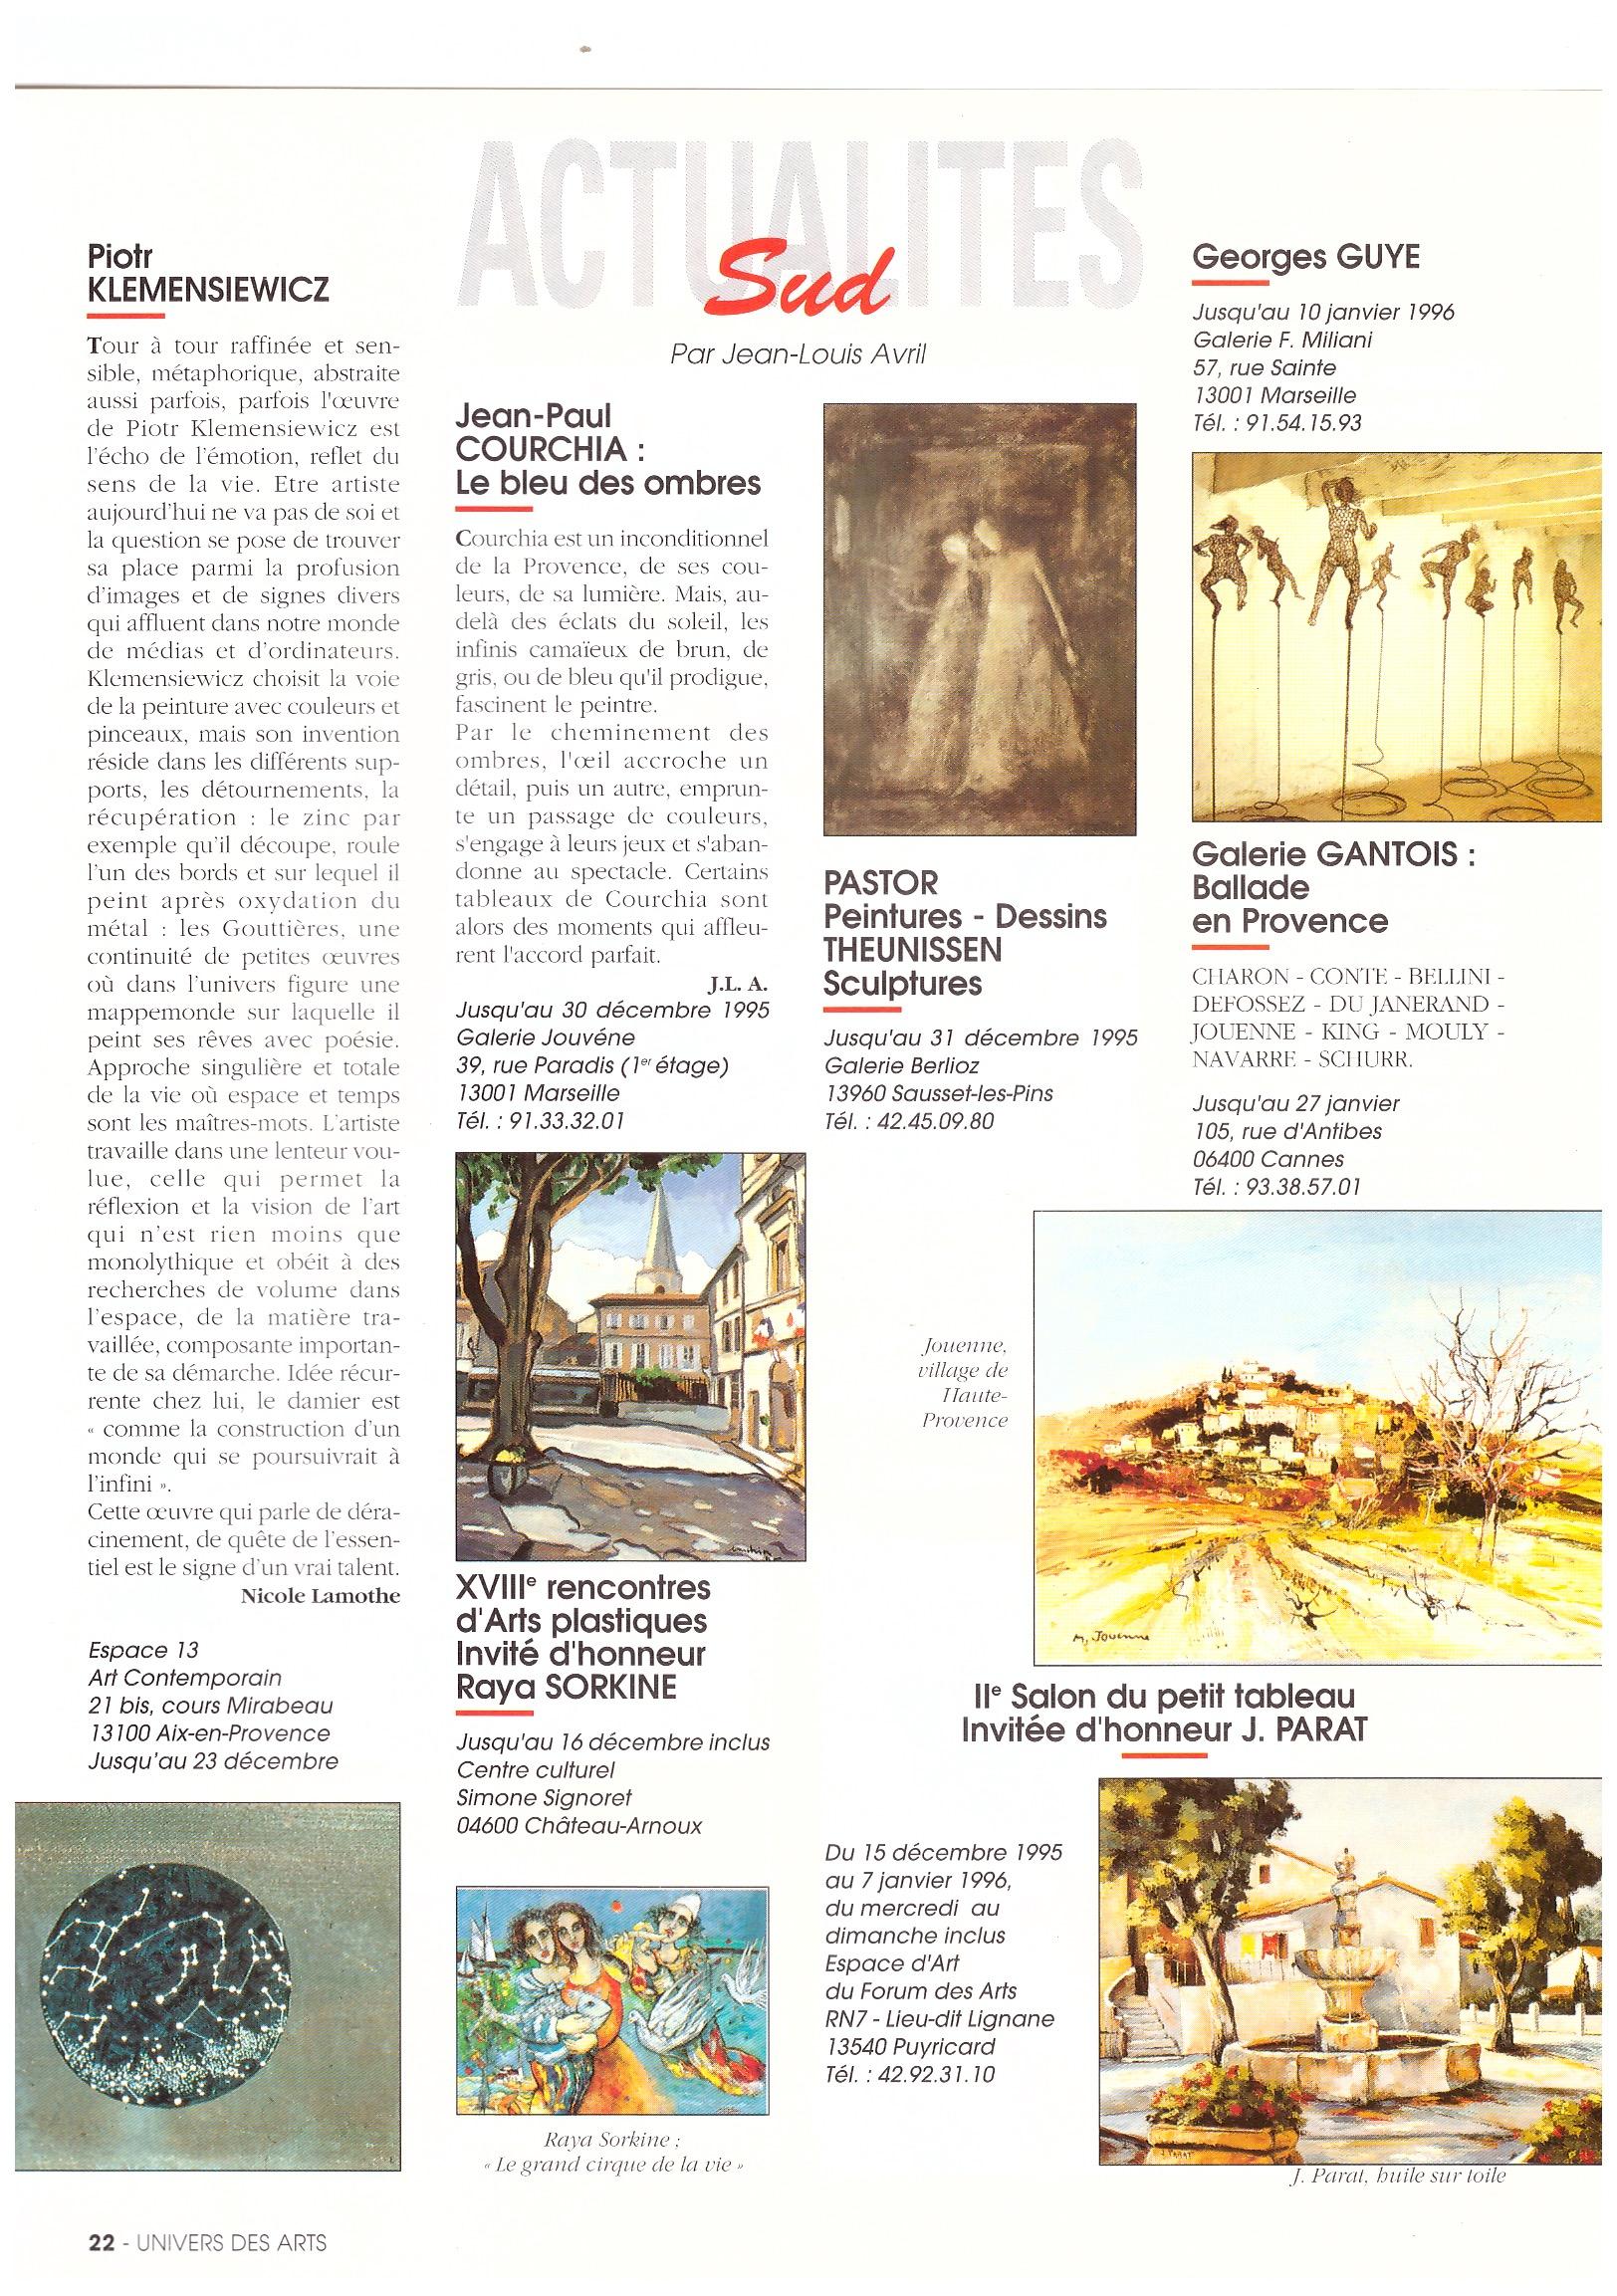 1995 UNIV DES ARTS